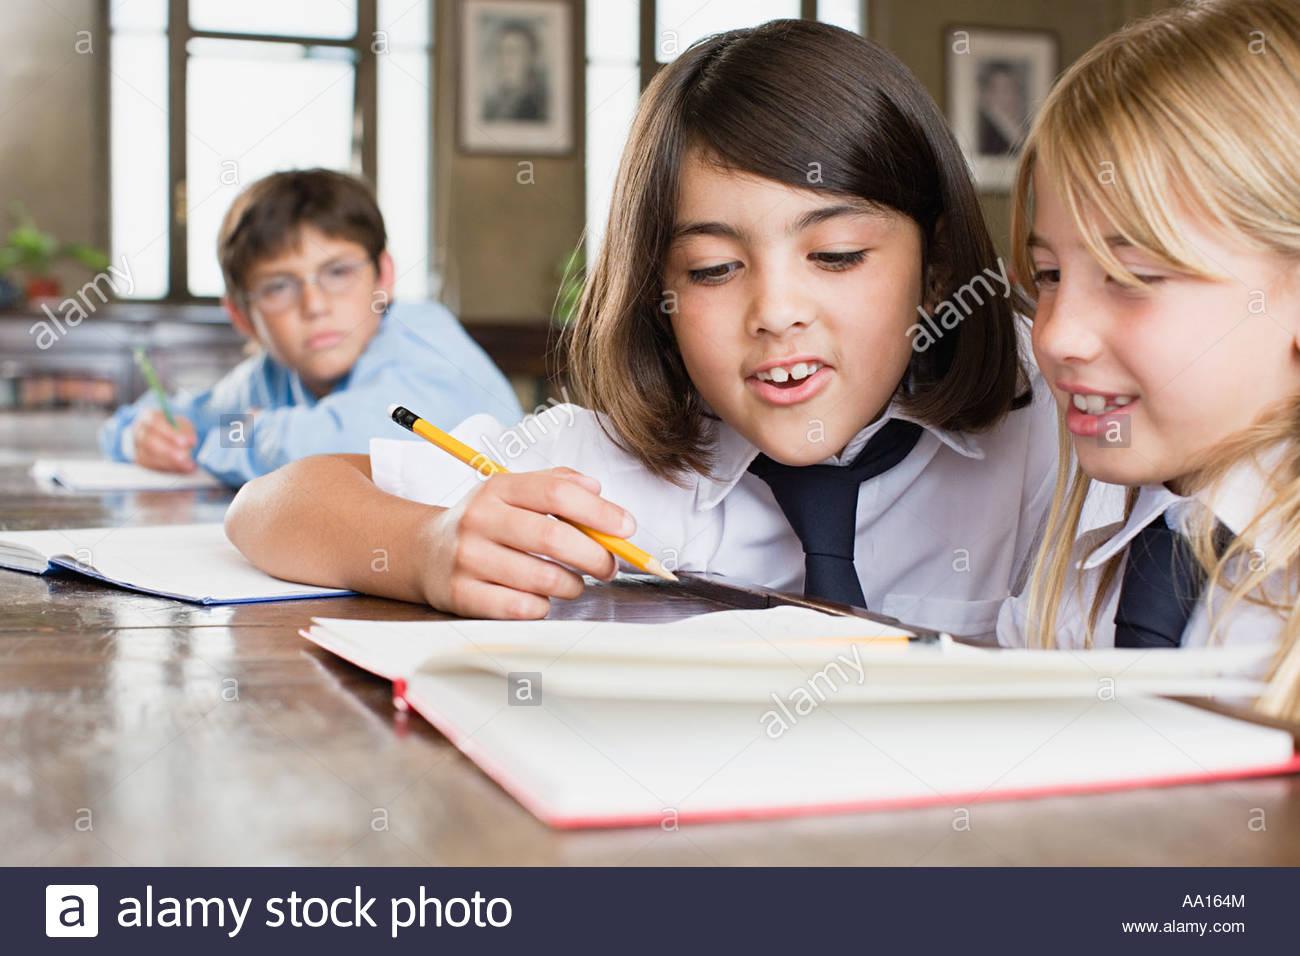 Children in school - Stock Image